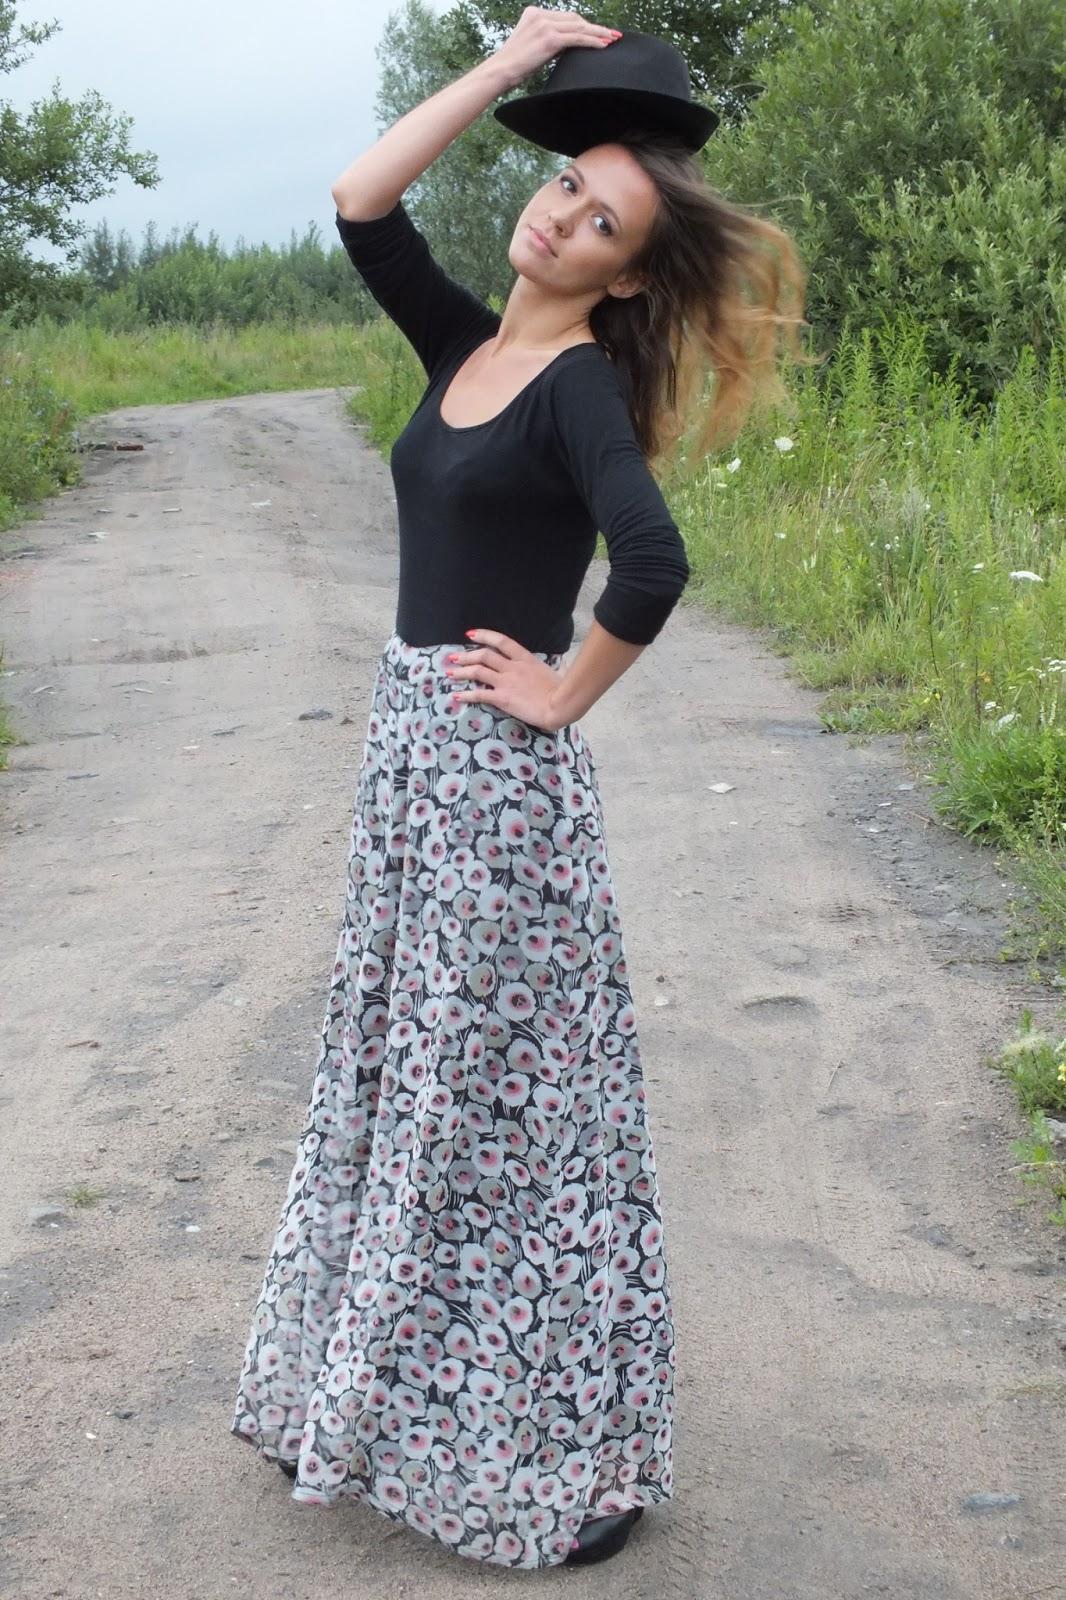 szerokie spodnie na lato